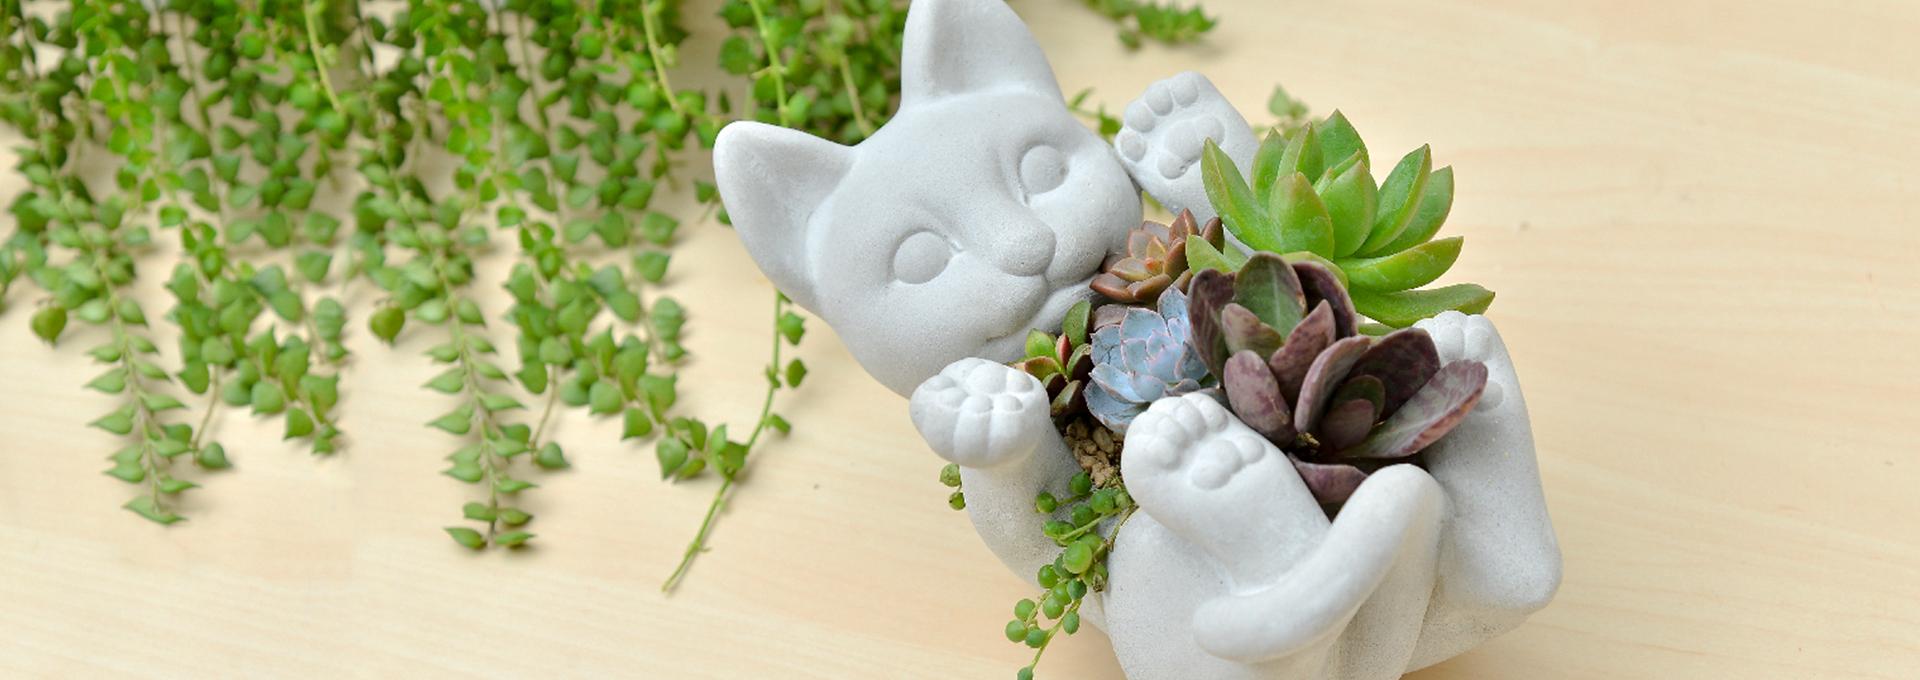 貓咪 多肉 多肉植物 老樂 黃麗 虎斑伽藍葉 百萬心